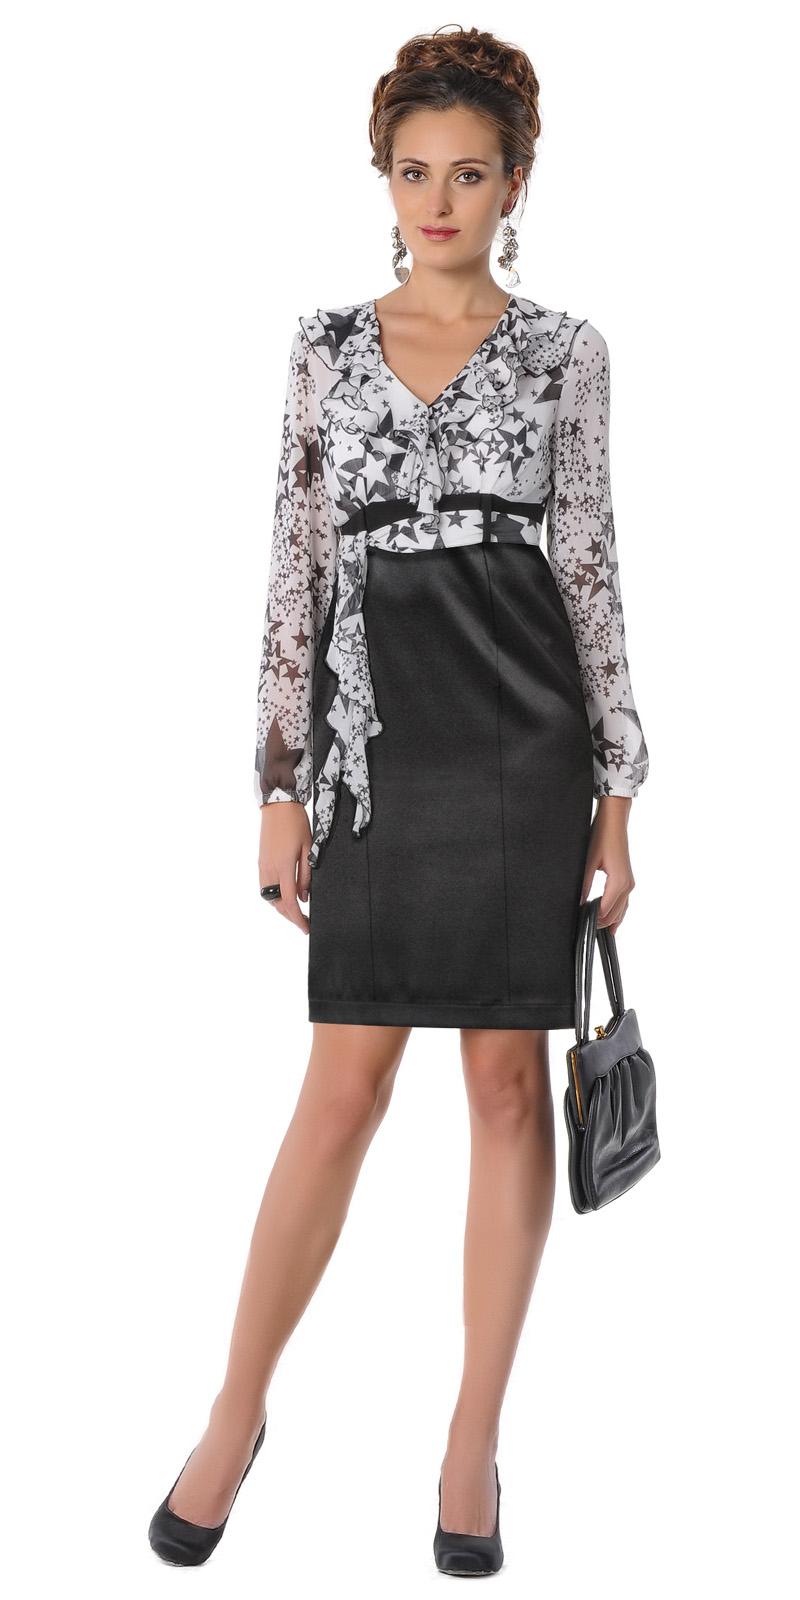 Женская одежда через интернет недорого доставка